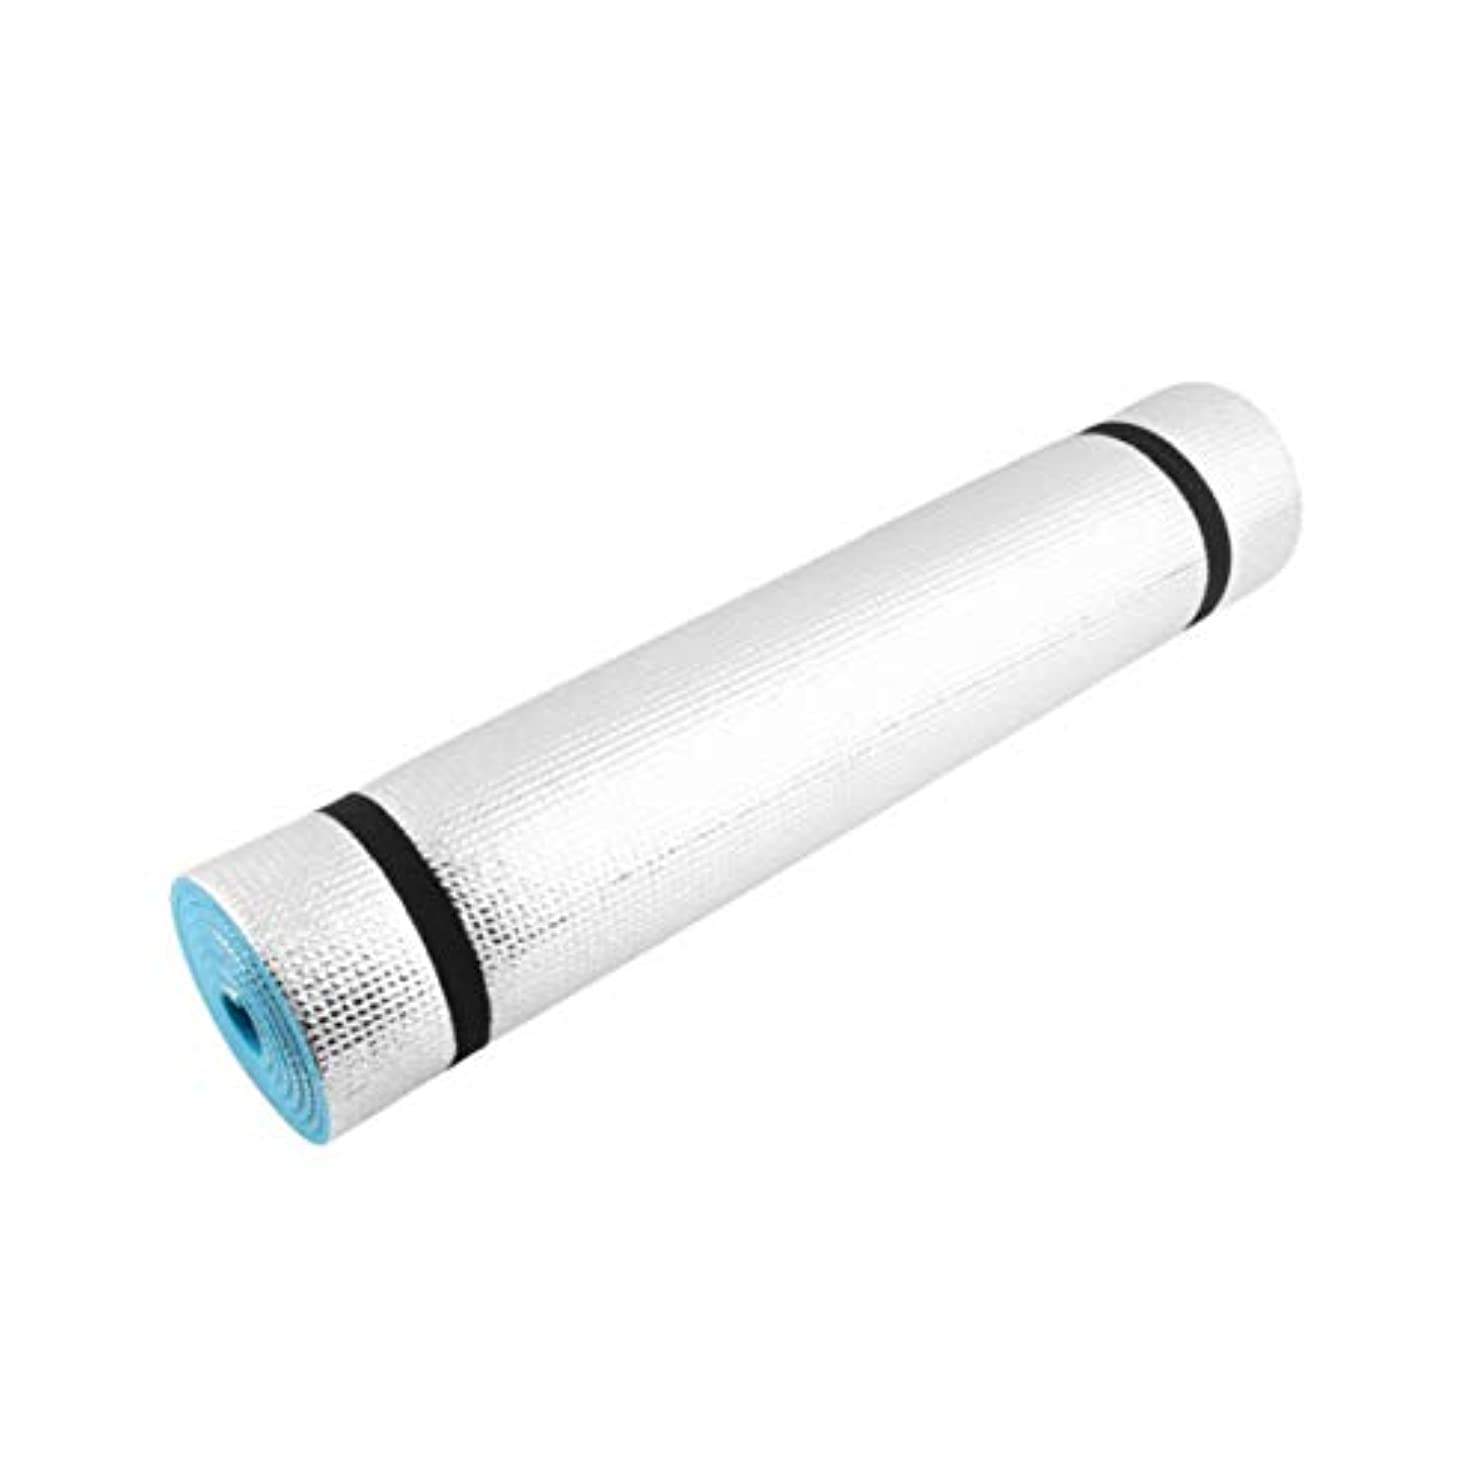 土器ウイルス設計図軽量180×60×0.6センチメートルマット洗える運動フィットネスパッド折りたたみフロアプレイクッションユニバーサルキャンプマット -